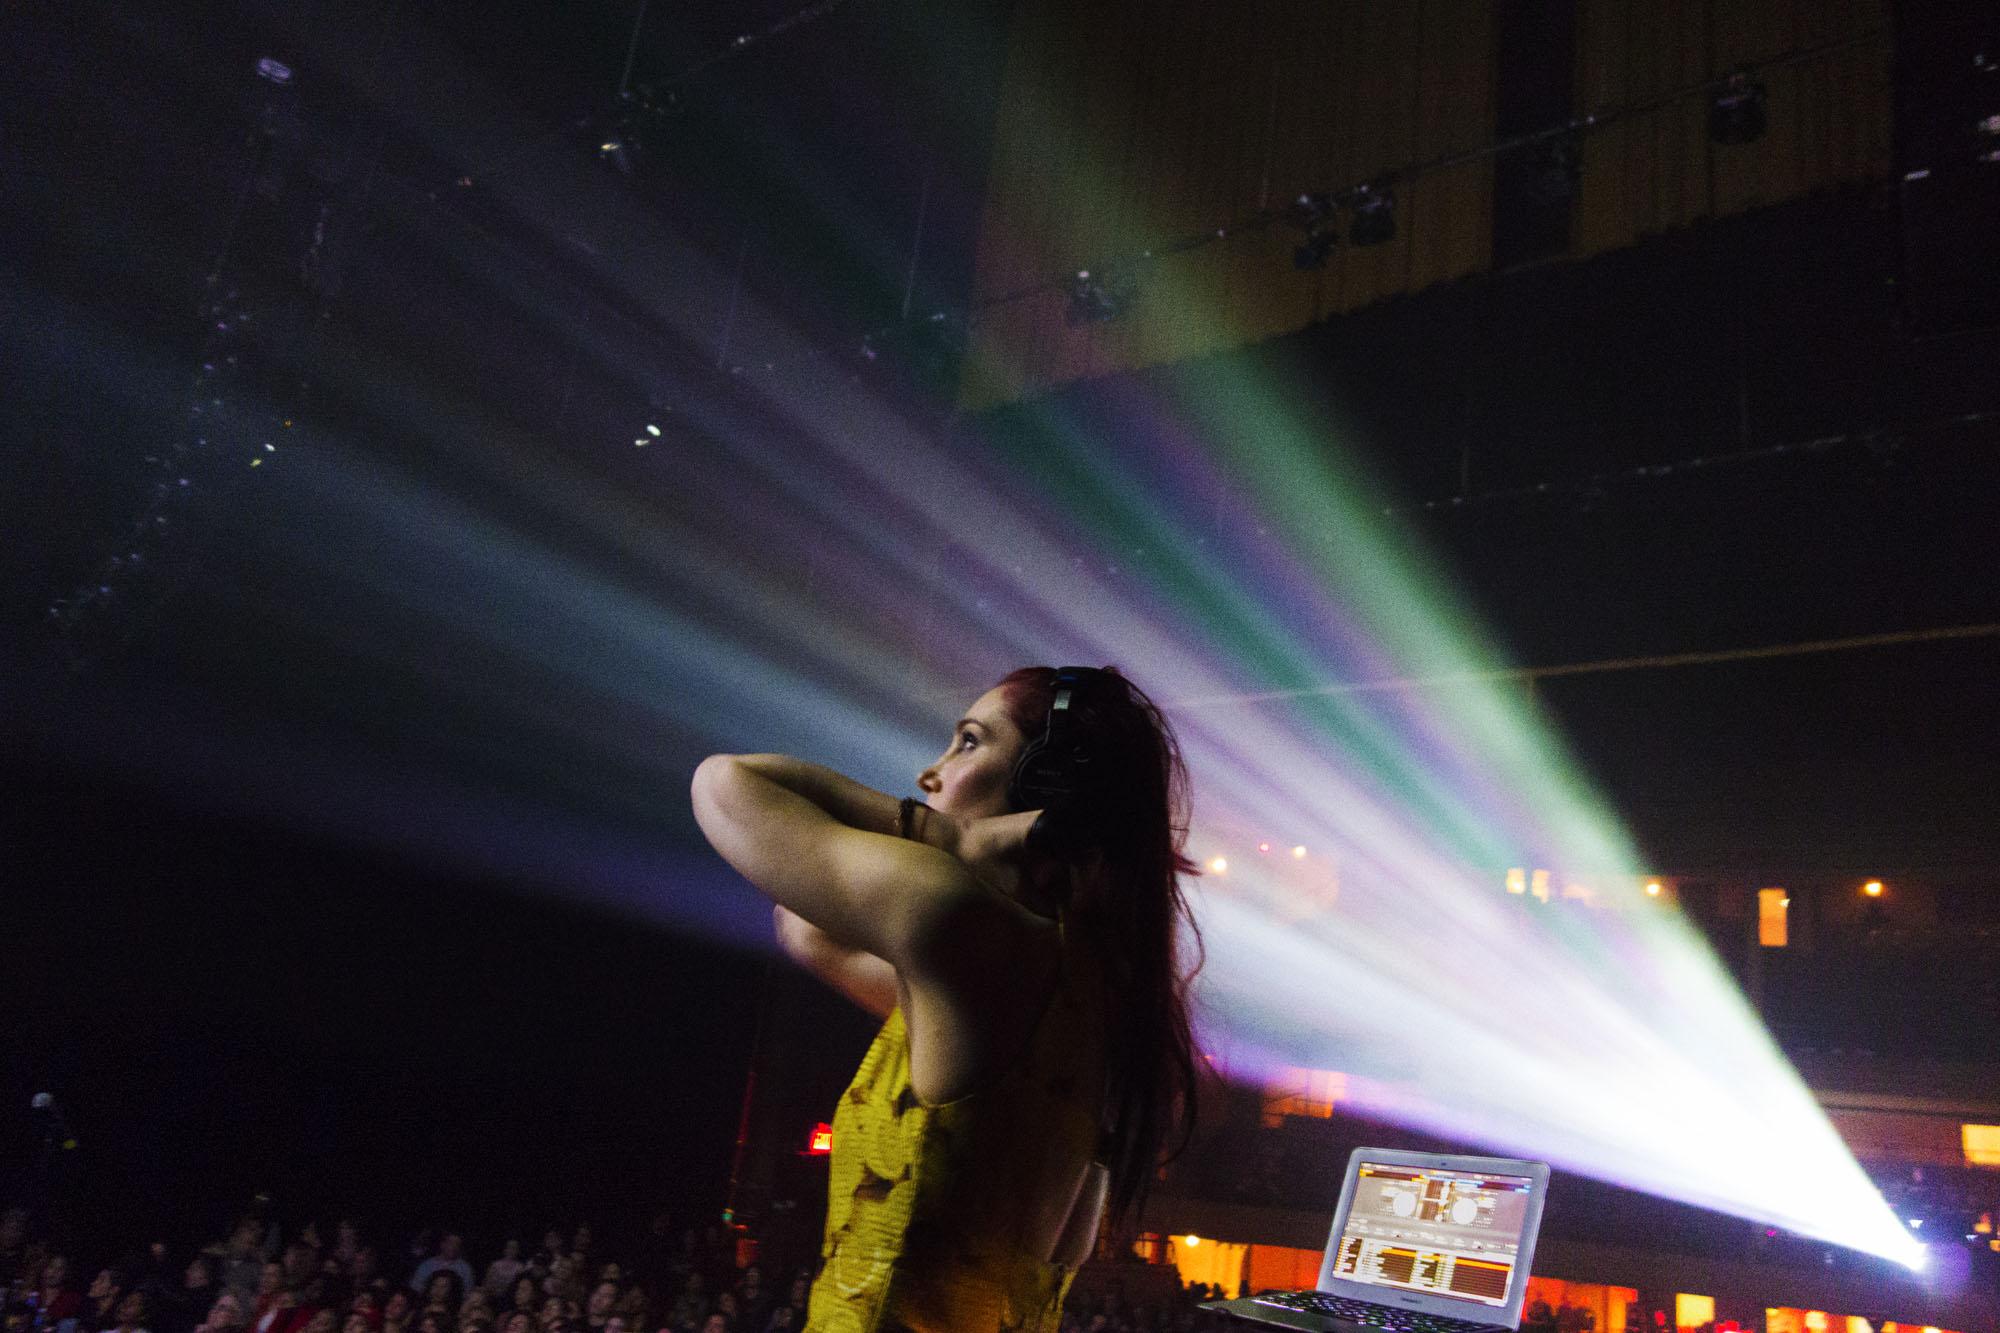 Hesta Prynn at Hammerstein Ballroom NYC